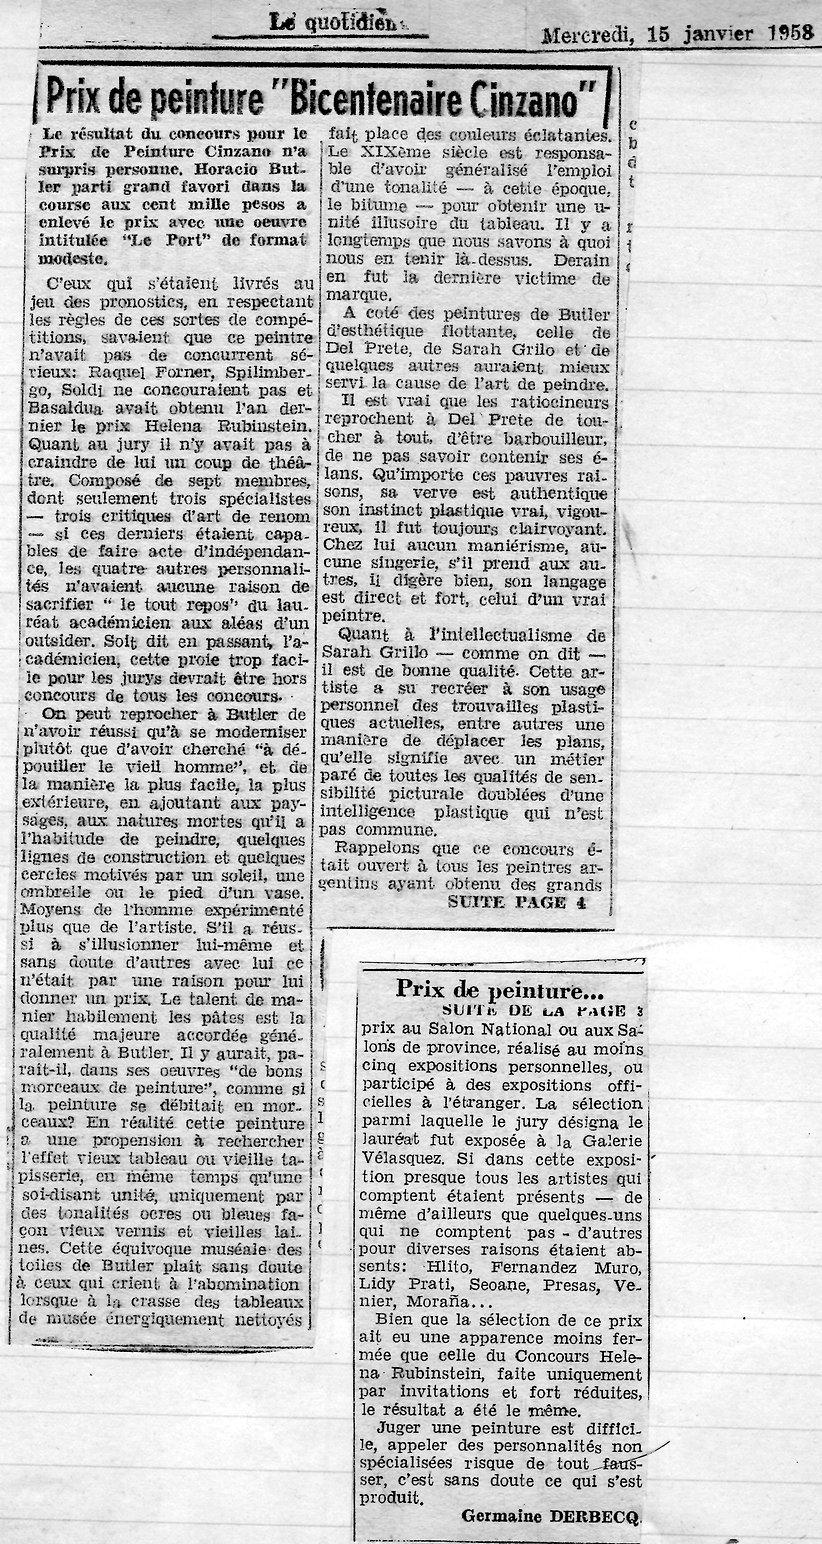 Le Quotidien2.jpg